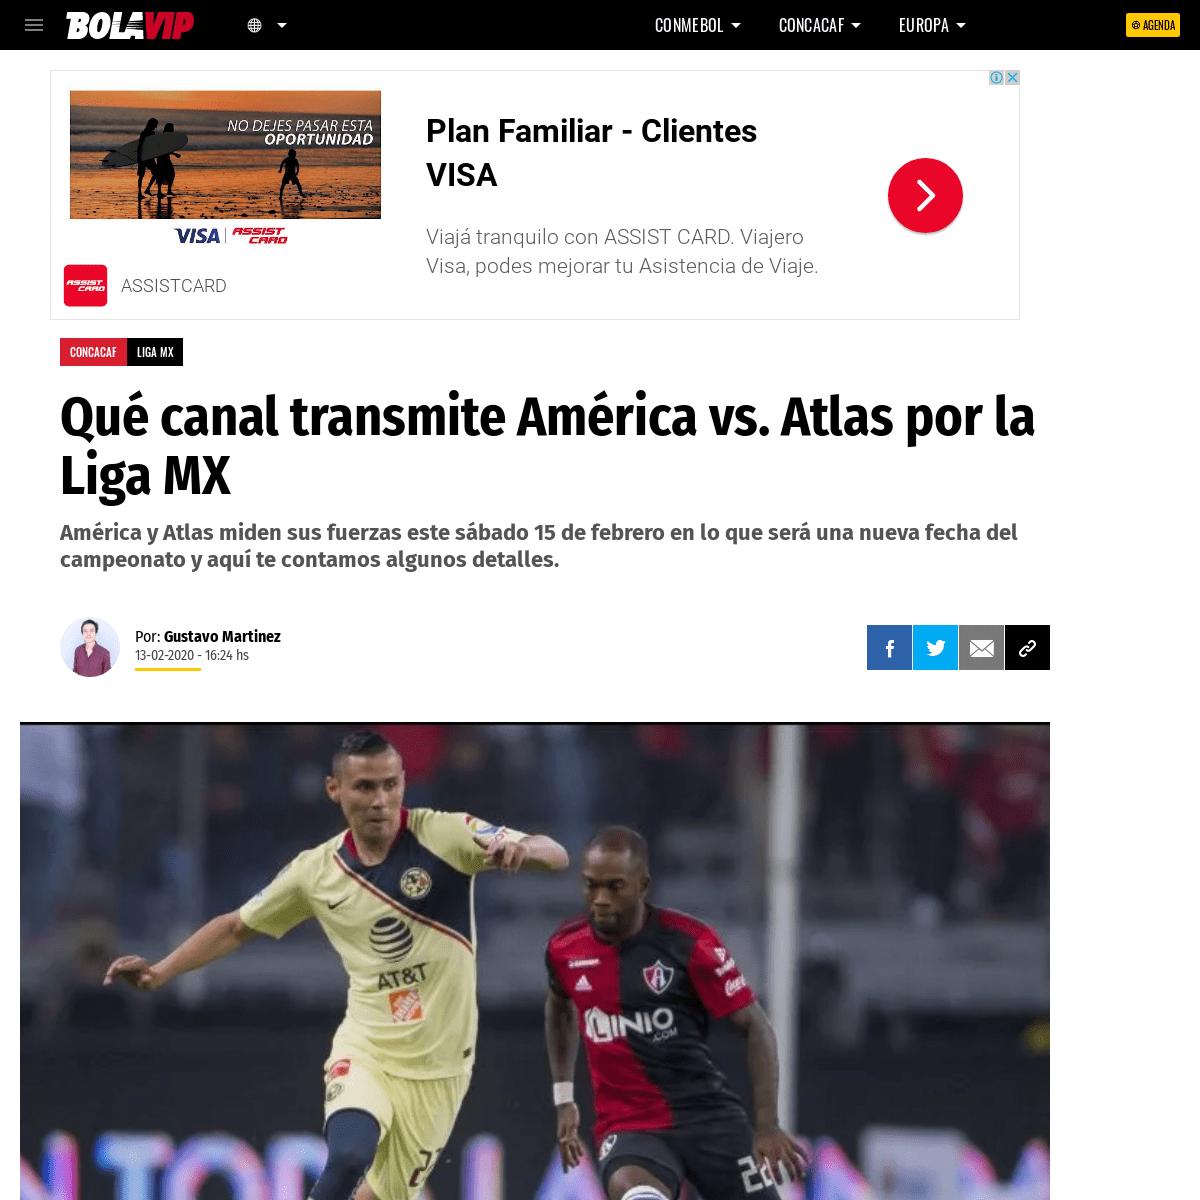 ArchiveBay.com - bolavip.com/concacaf/Que-canal-transmite-America-vs.-Atlas-por-la-Liga-MX-F22-20200213-0144.html - Qué canal transmite América vs. Atlas por la Liga MX - Bolavip